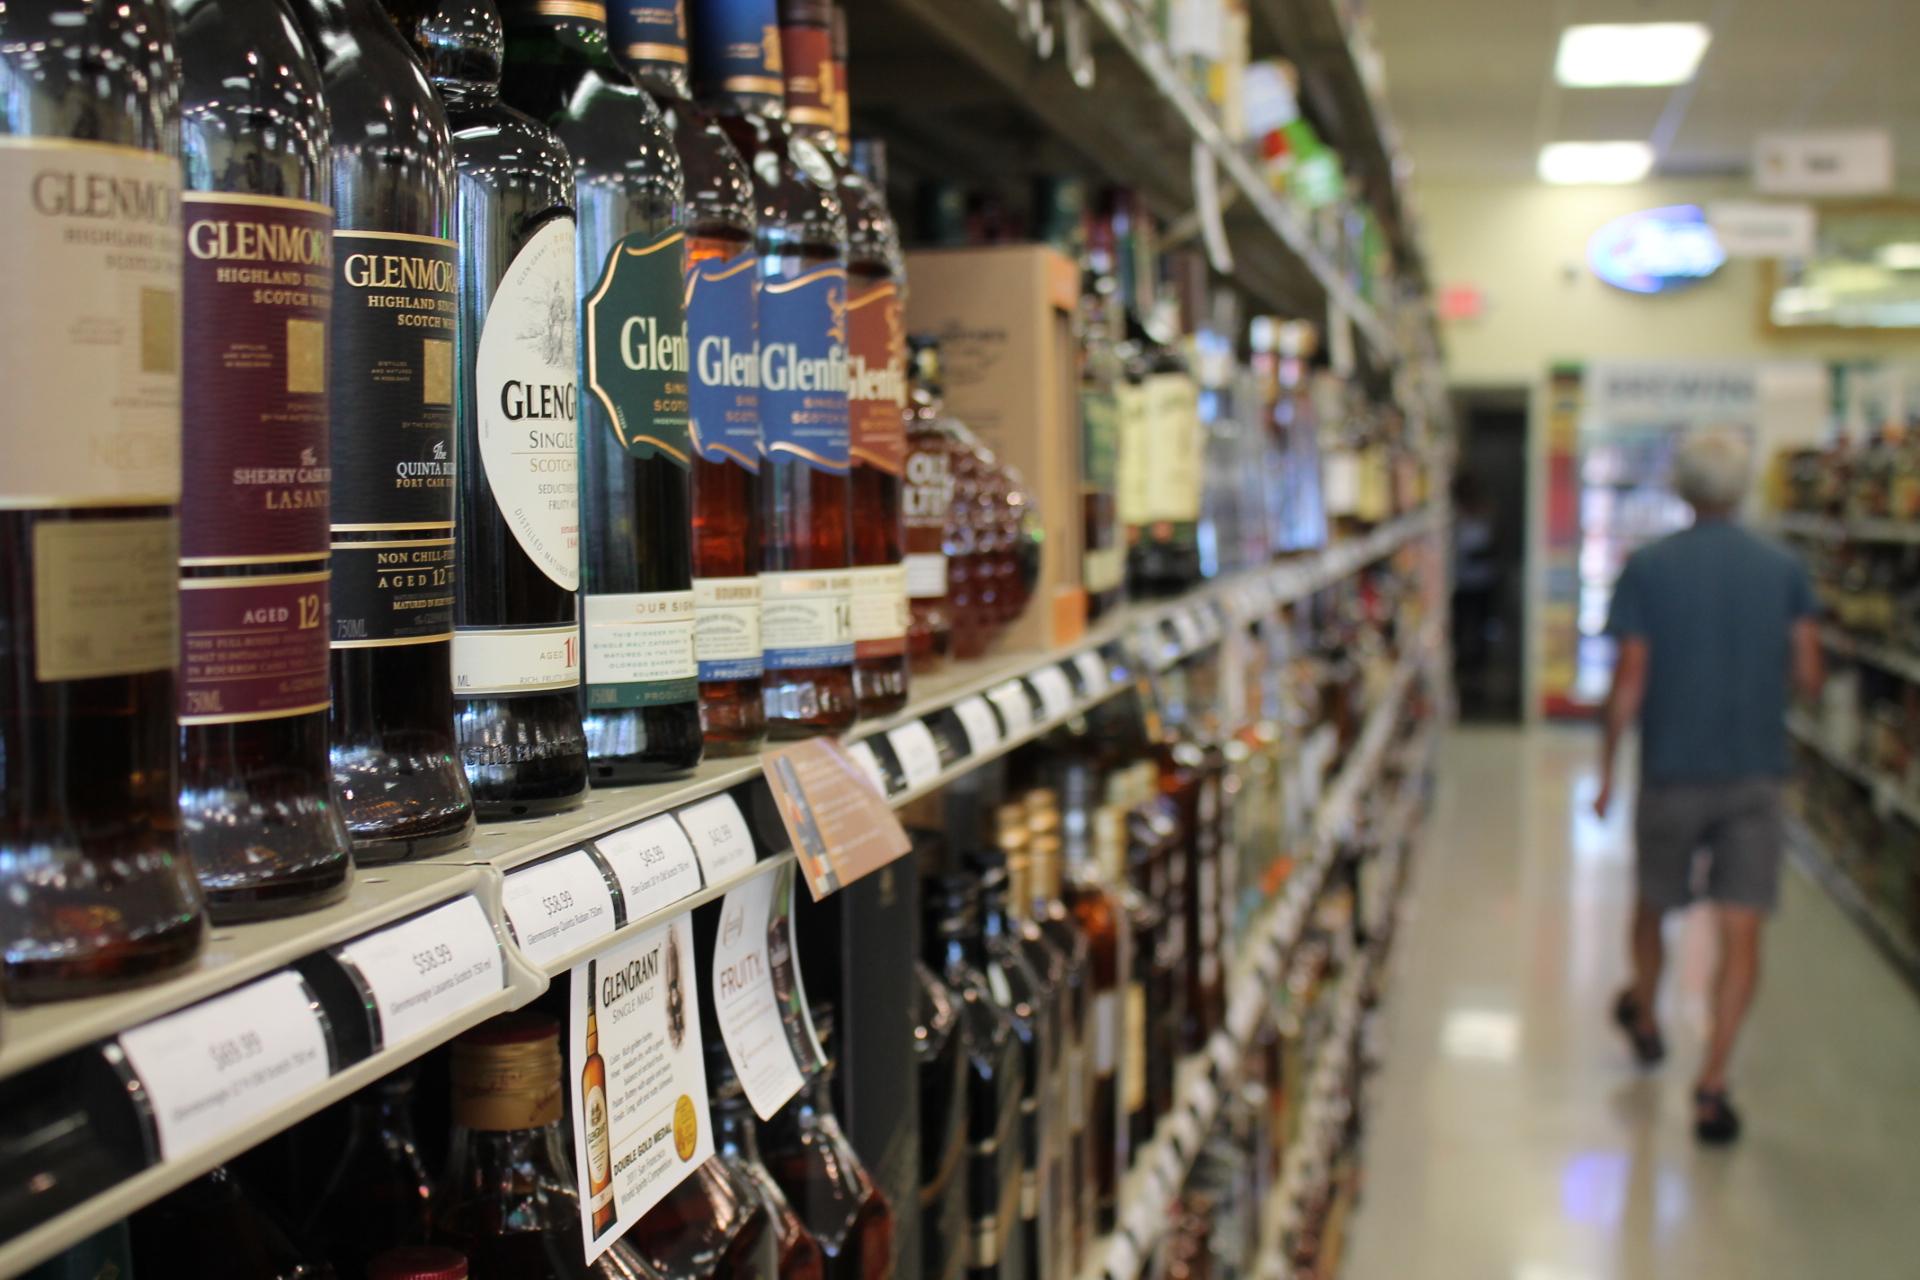 Judge Dismisses Lawsuit Challenging Connecticut Liquor Laws